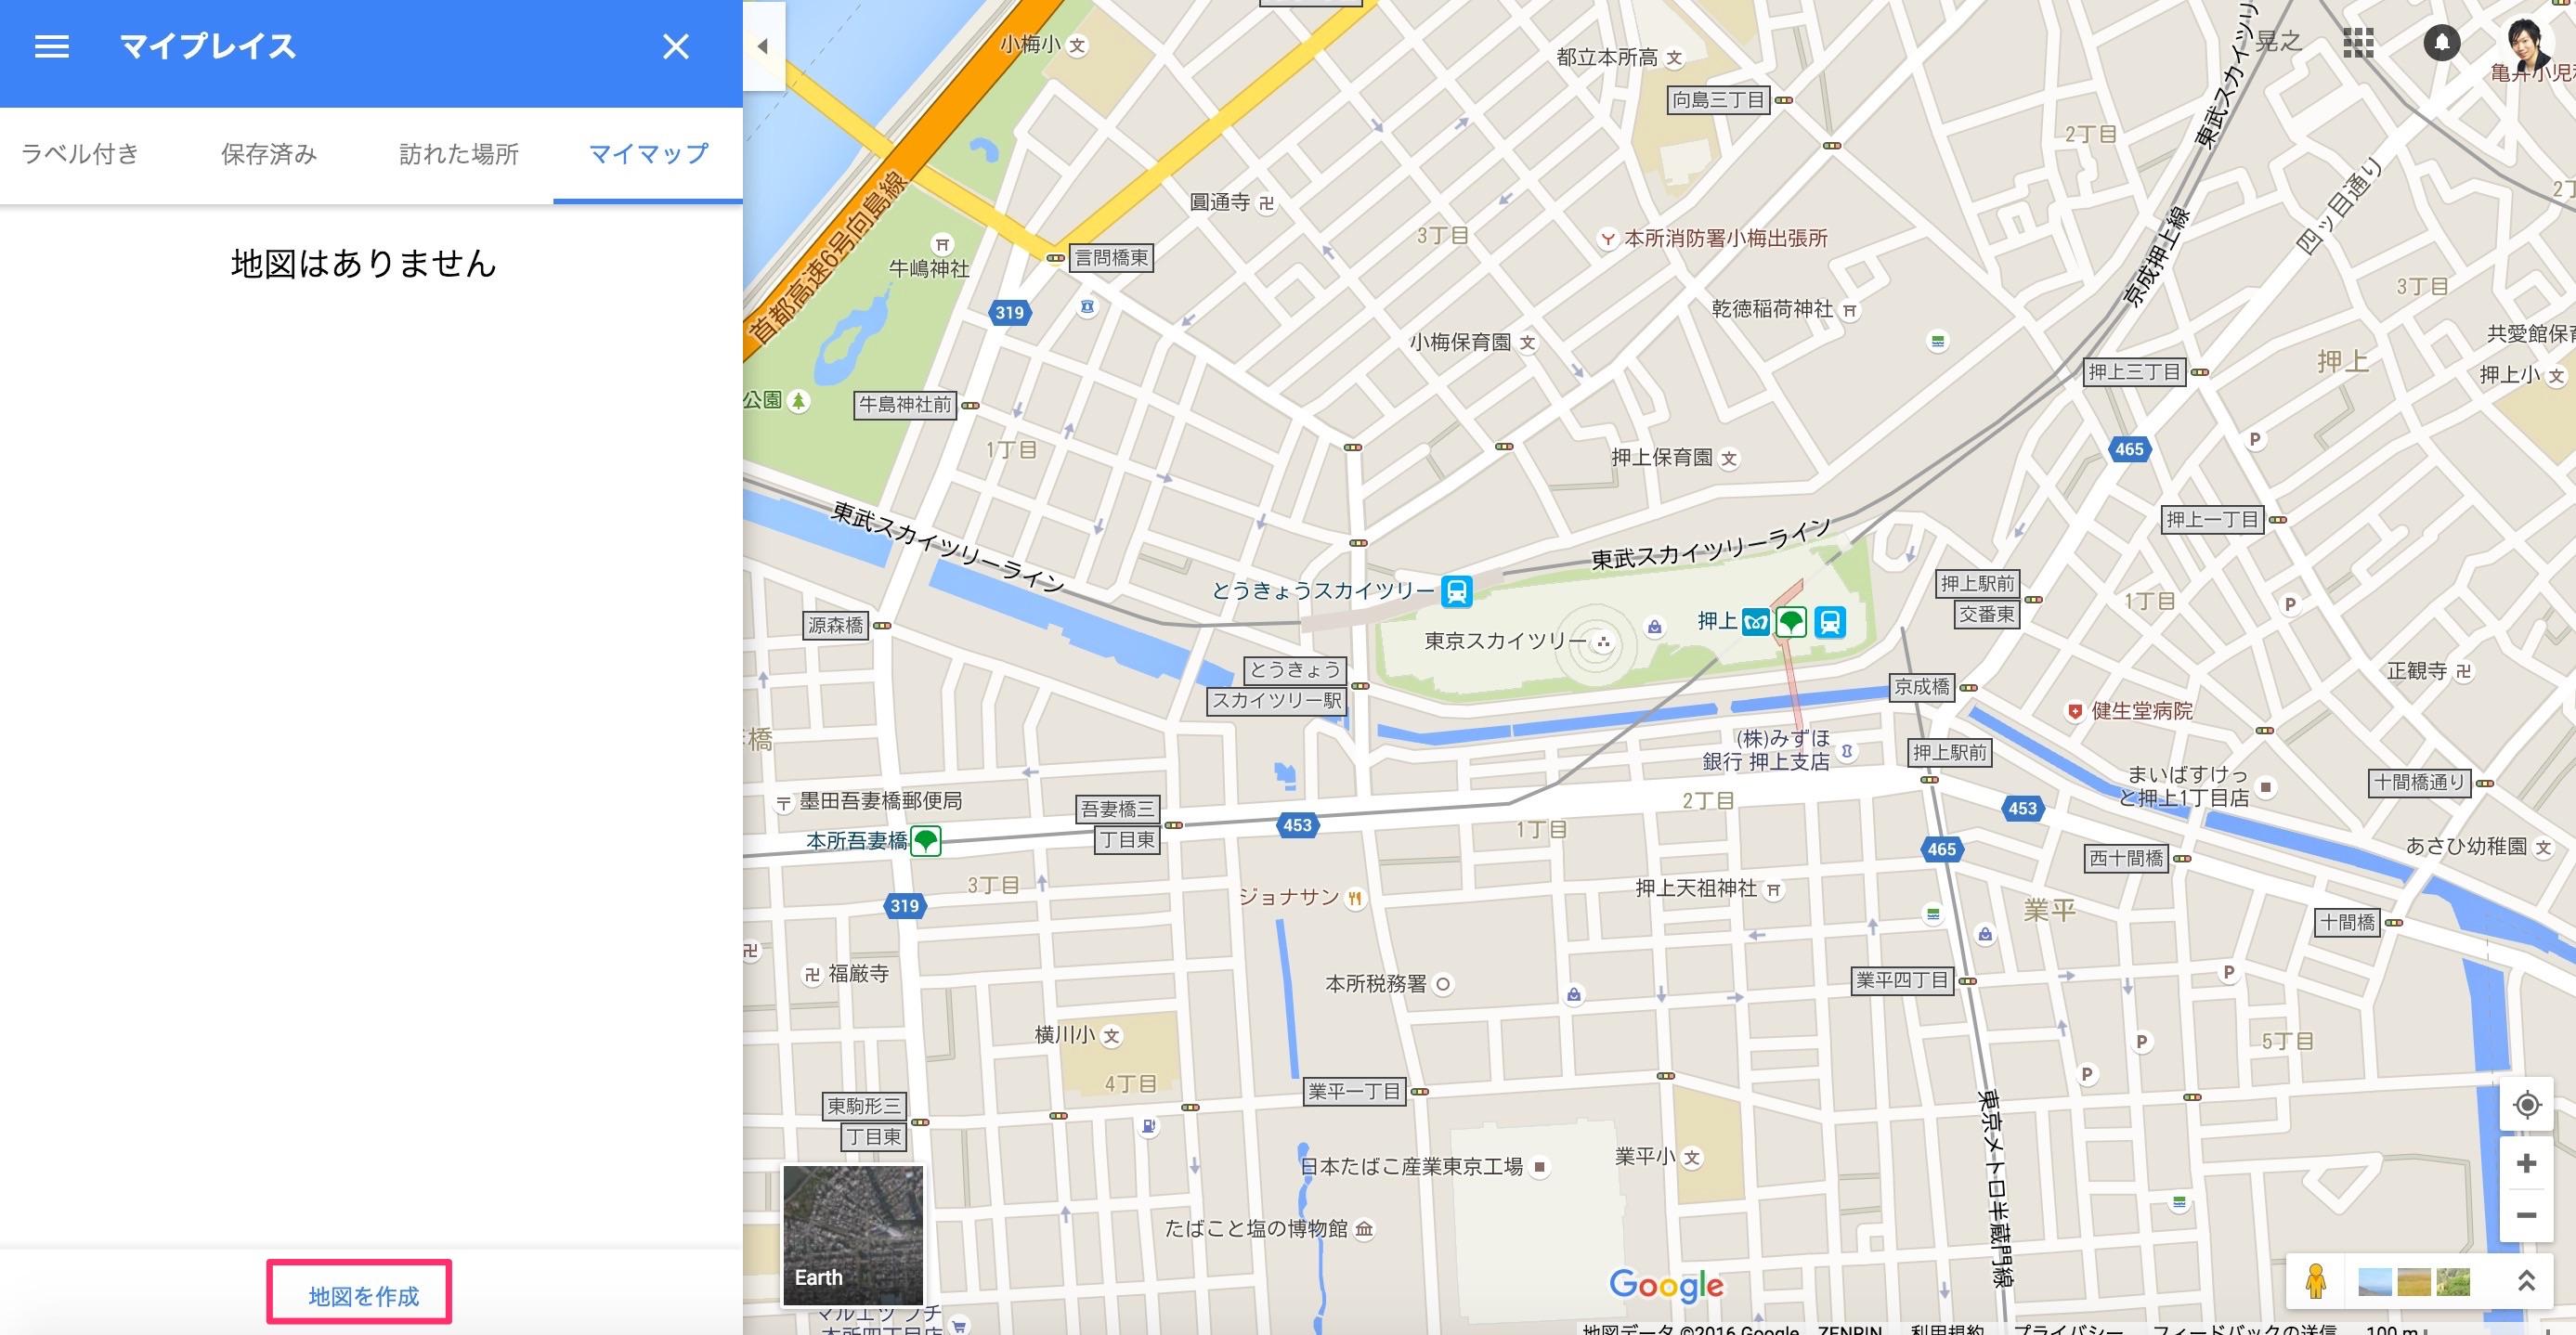 googlemapのマイプレイスの使い方3